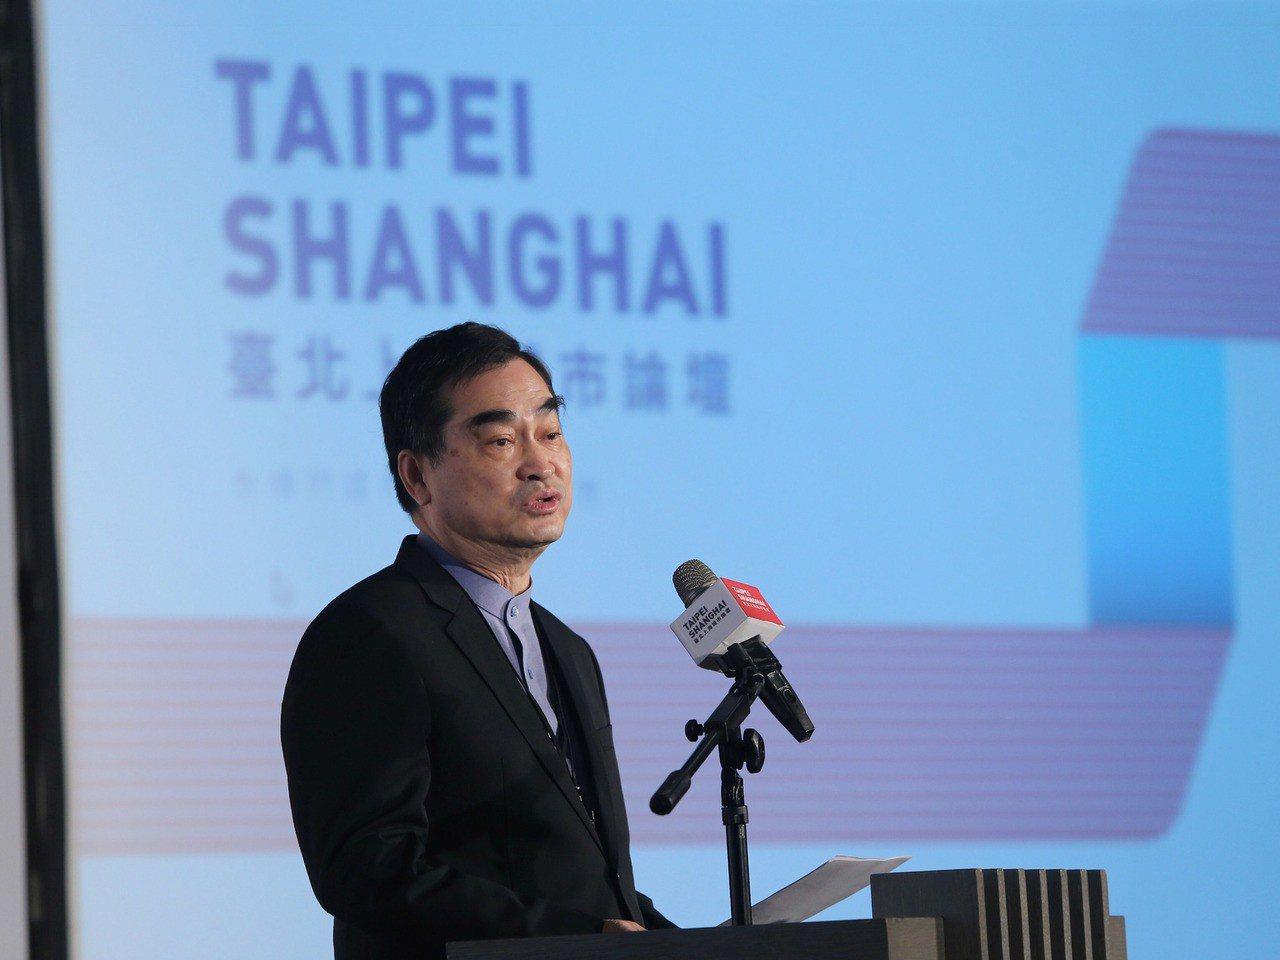 台北上海雙城論壇20日在晶華酒店登場,台北市副市長鄧家基(圖)出席,為開幕致詞。...